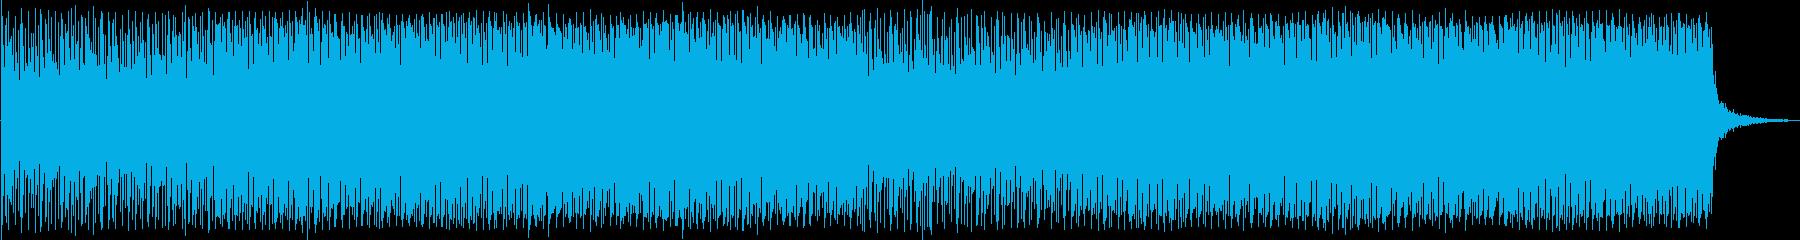 企業向け 軽快なテクノ 別verの再生済みの波形